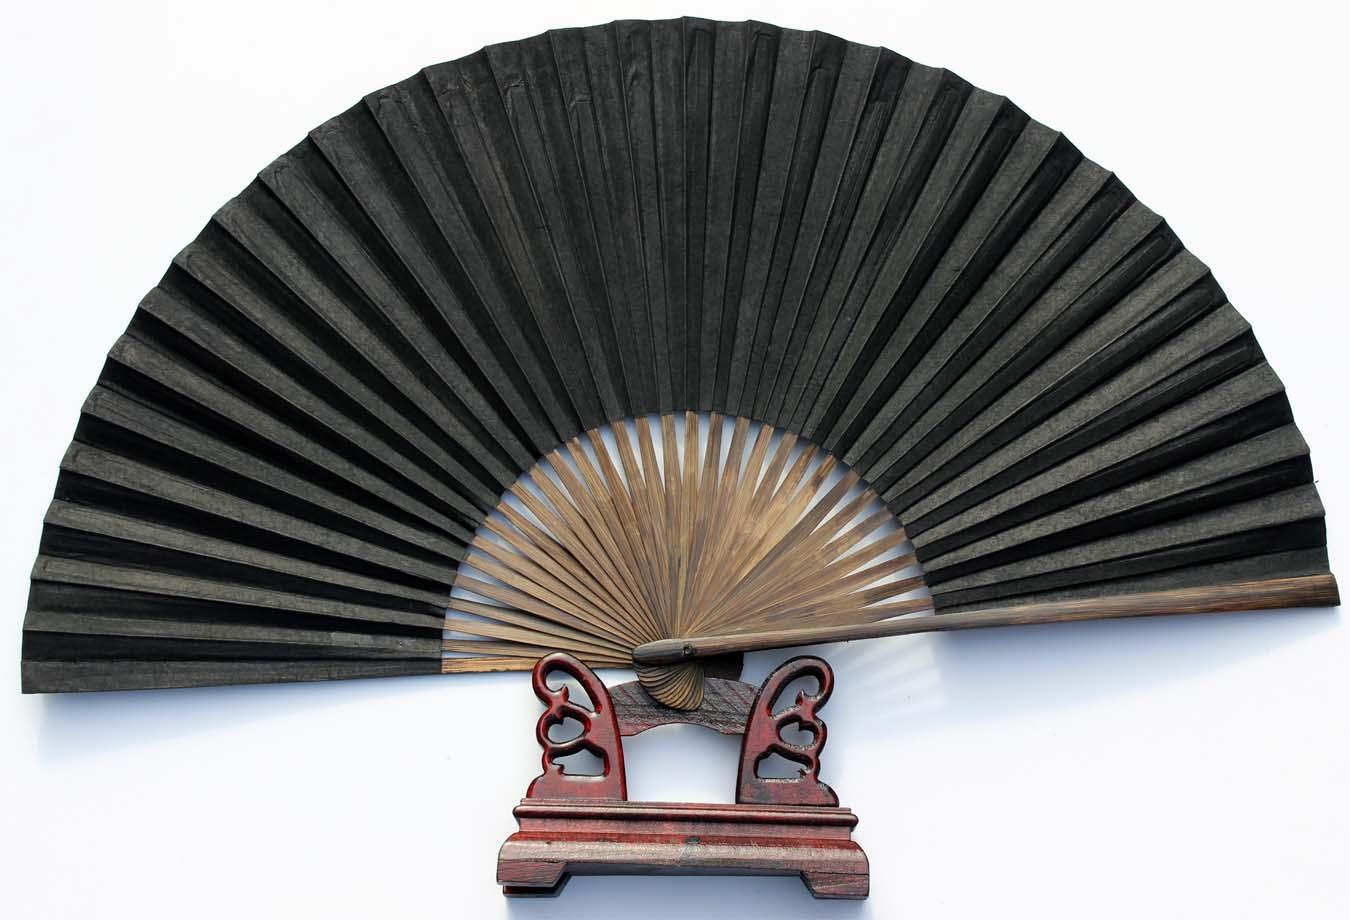 戏曲曲艺用黑扇子绍兴传统扇子 全扇工艺毛全本黑纸折扇